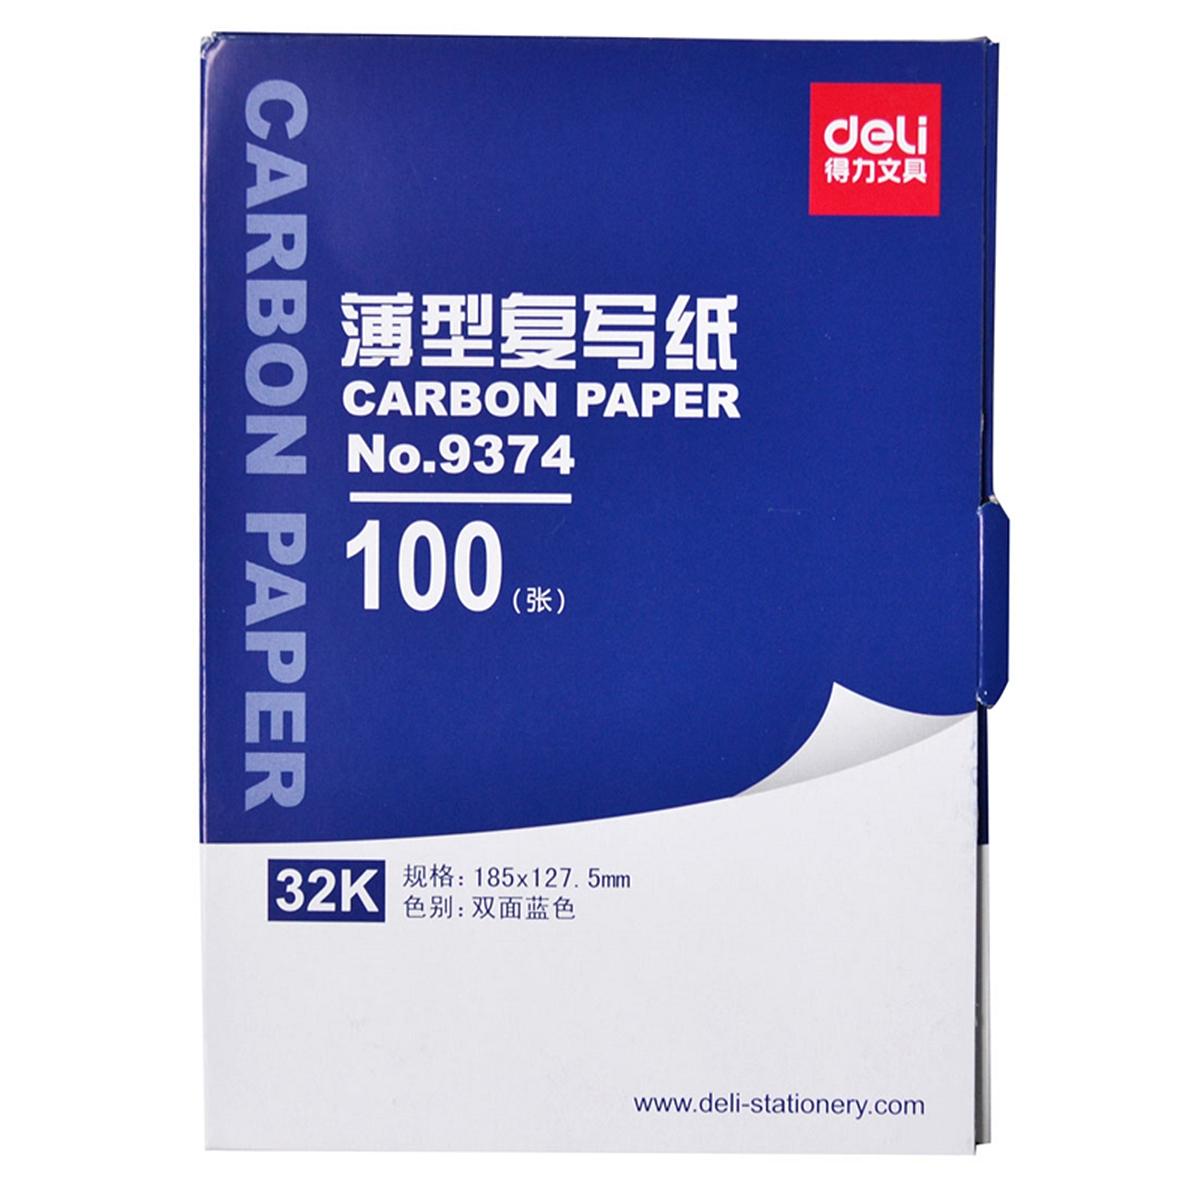 得力 9374 薄型复写纸 127.5x185mm(32K) 100张/盒 (单位:盒) 蓝